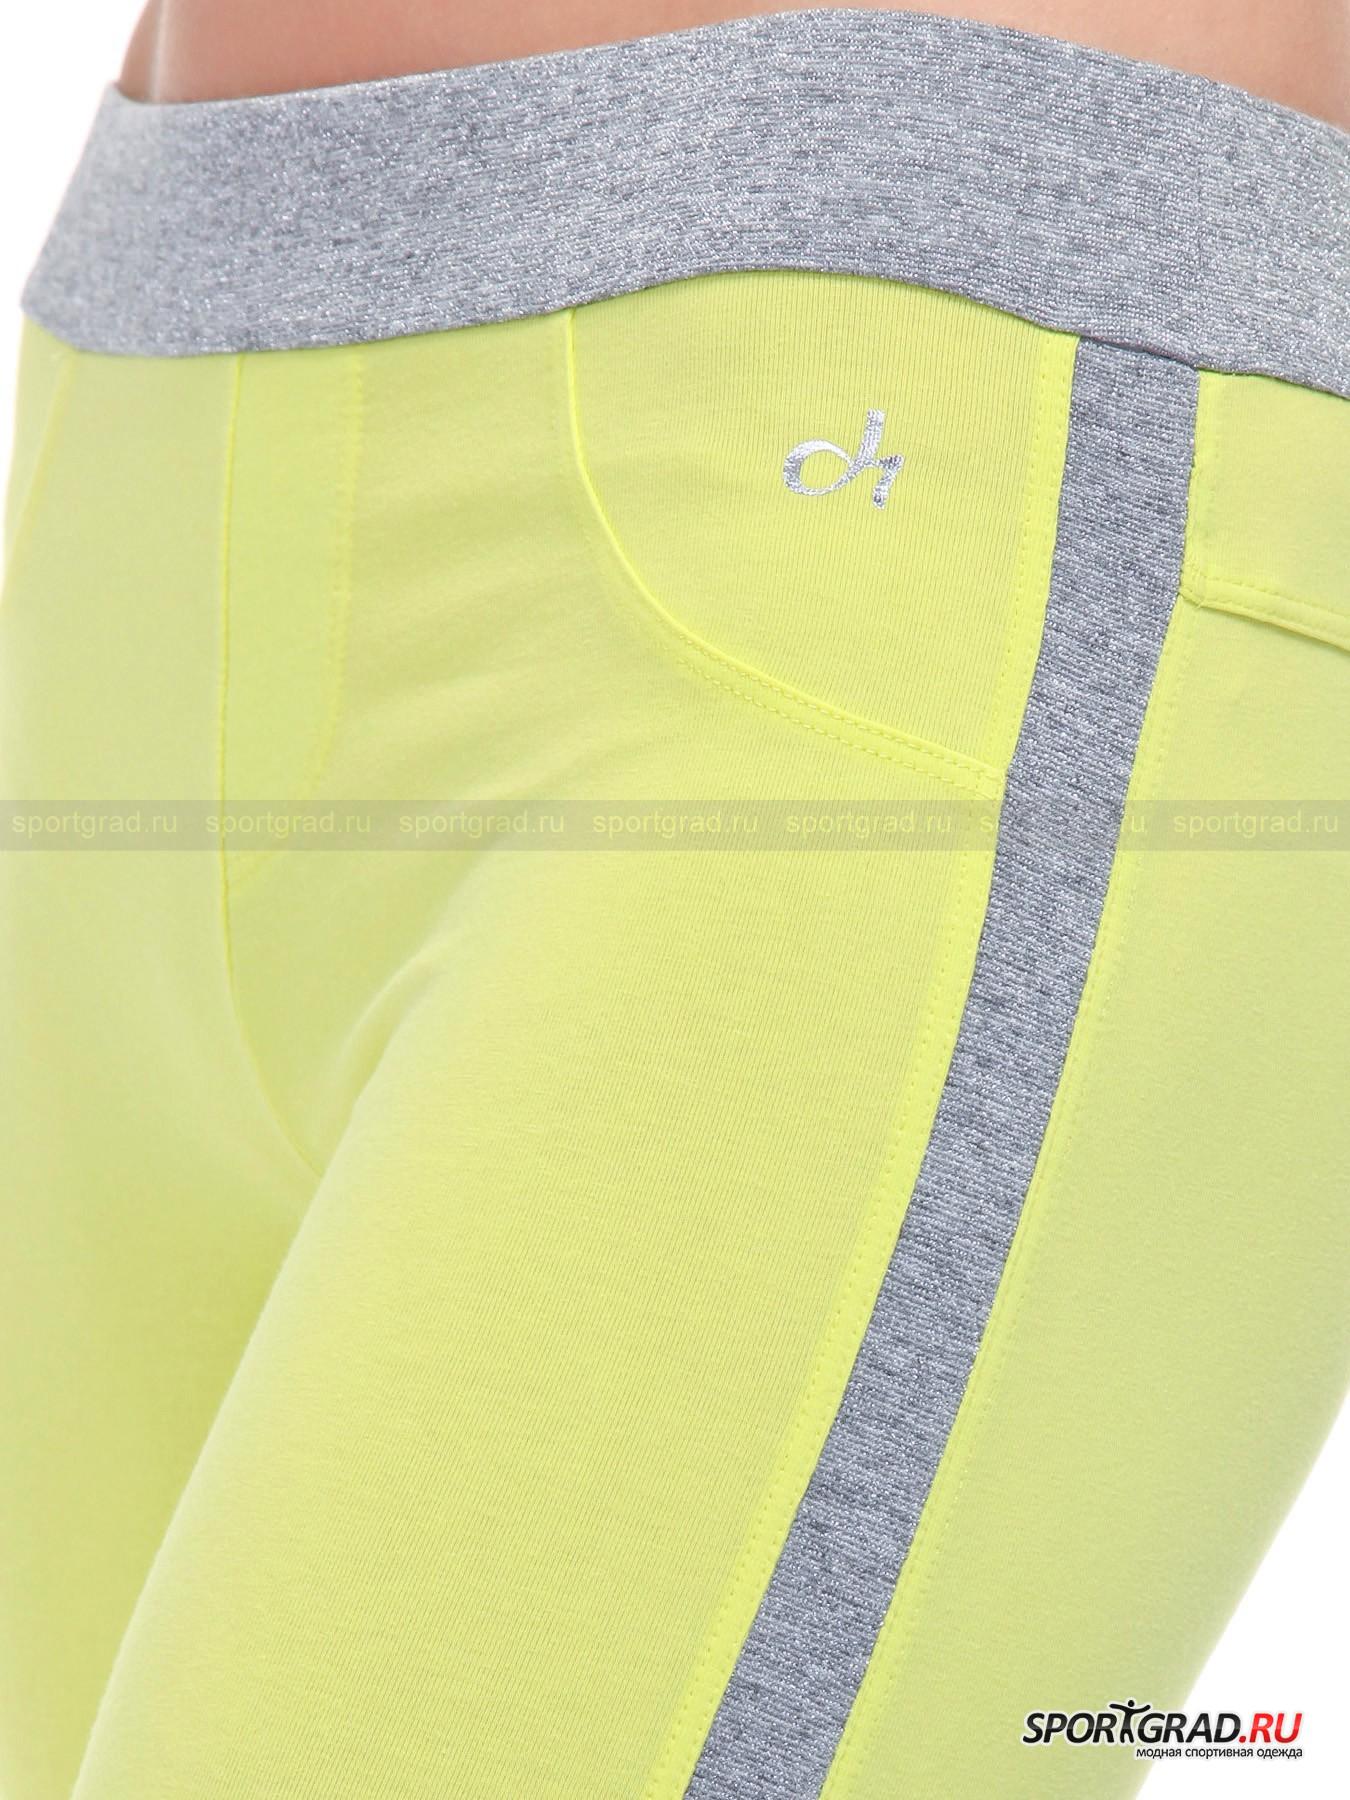 Леггинсы женские спортивные DEHA для фитнеса от Спортград